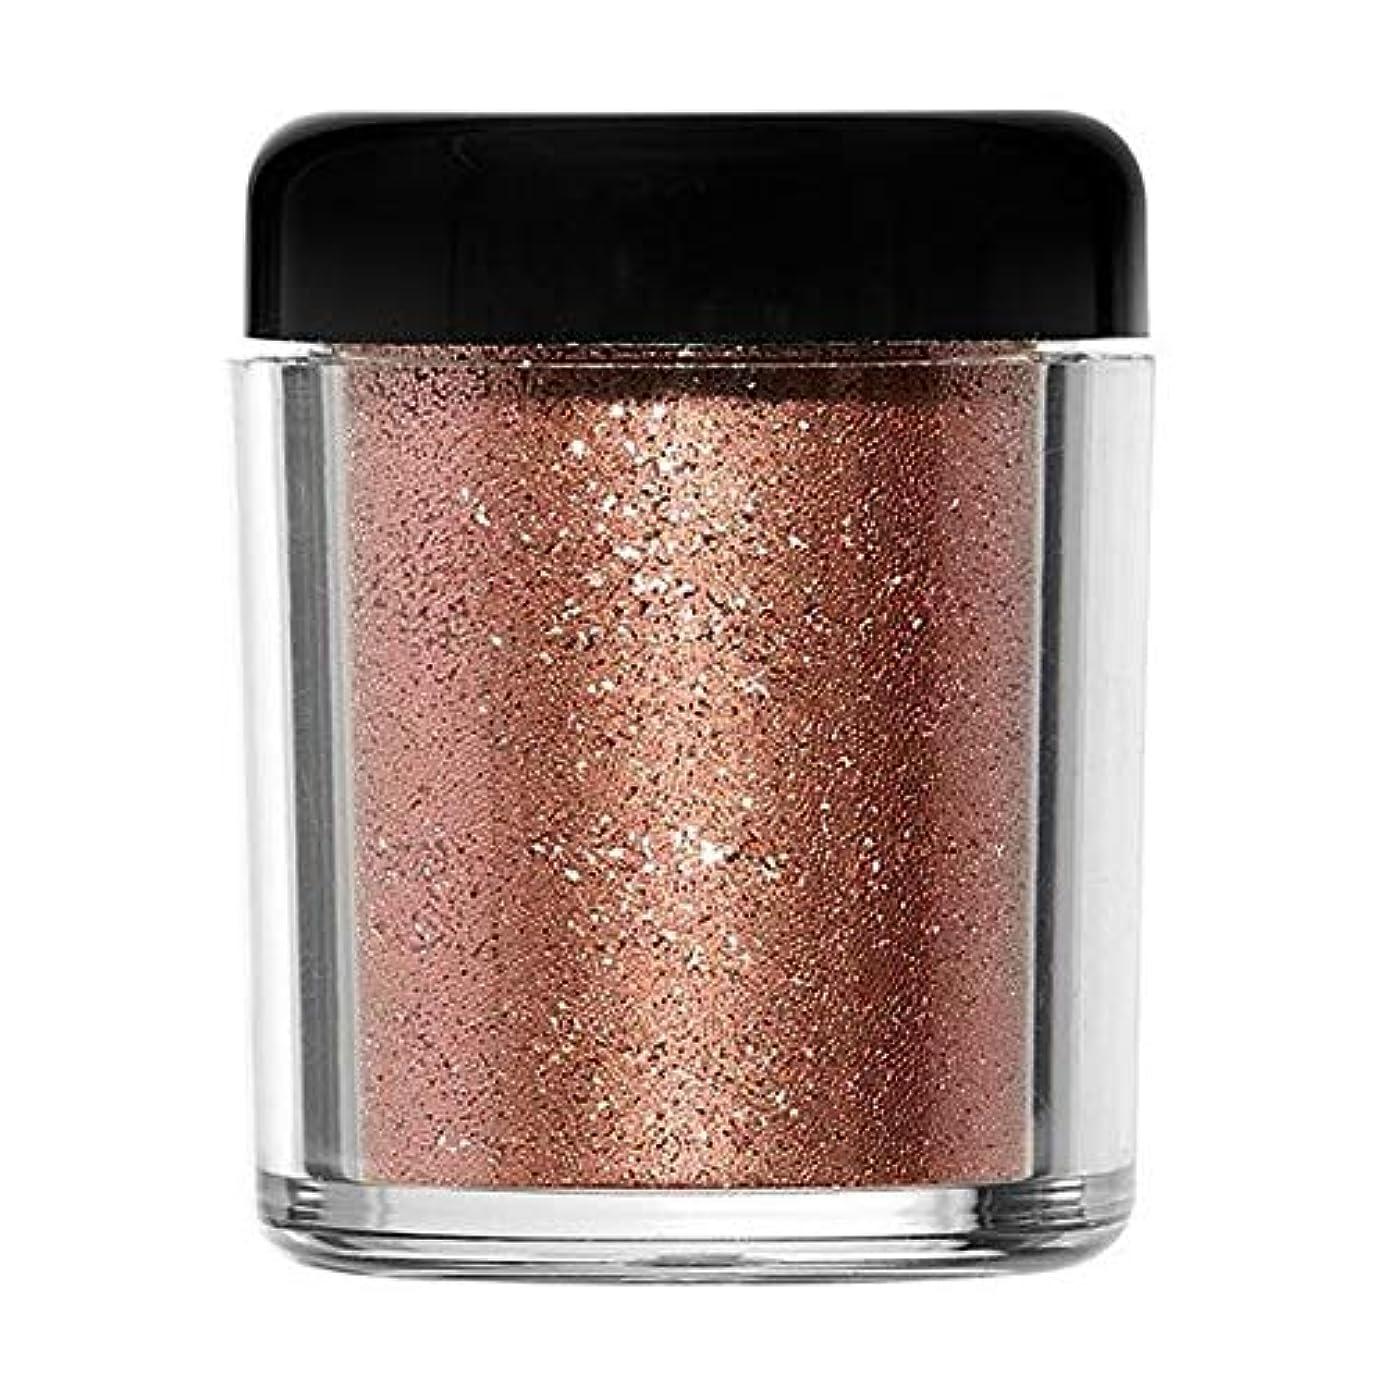 明示的にほこりっぽい損なう[Barry M ] バリーメートルのグリッターラッシュボディの輝き - ローズクォーツ - Barry M Glitter Rush Body Glitter - Rose Quartz [並行輸入品]